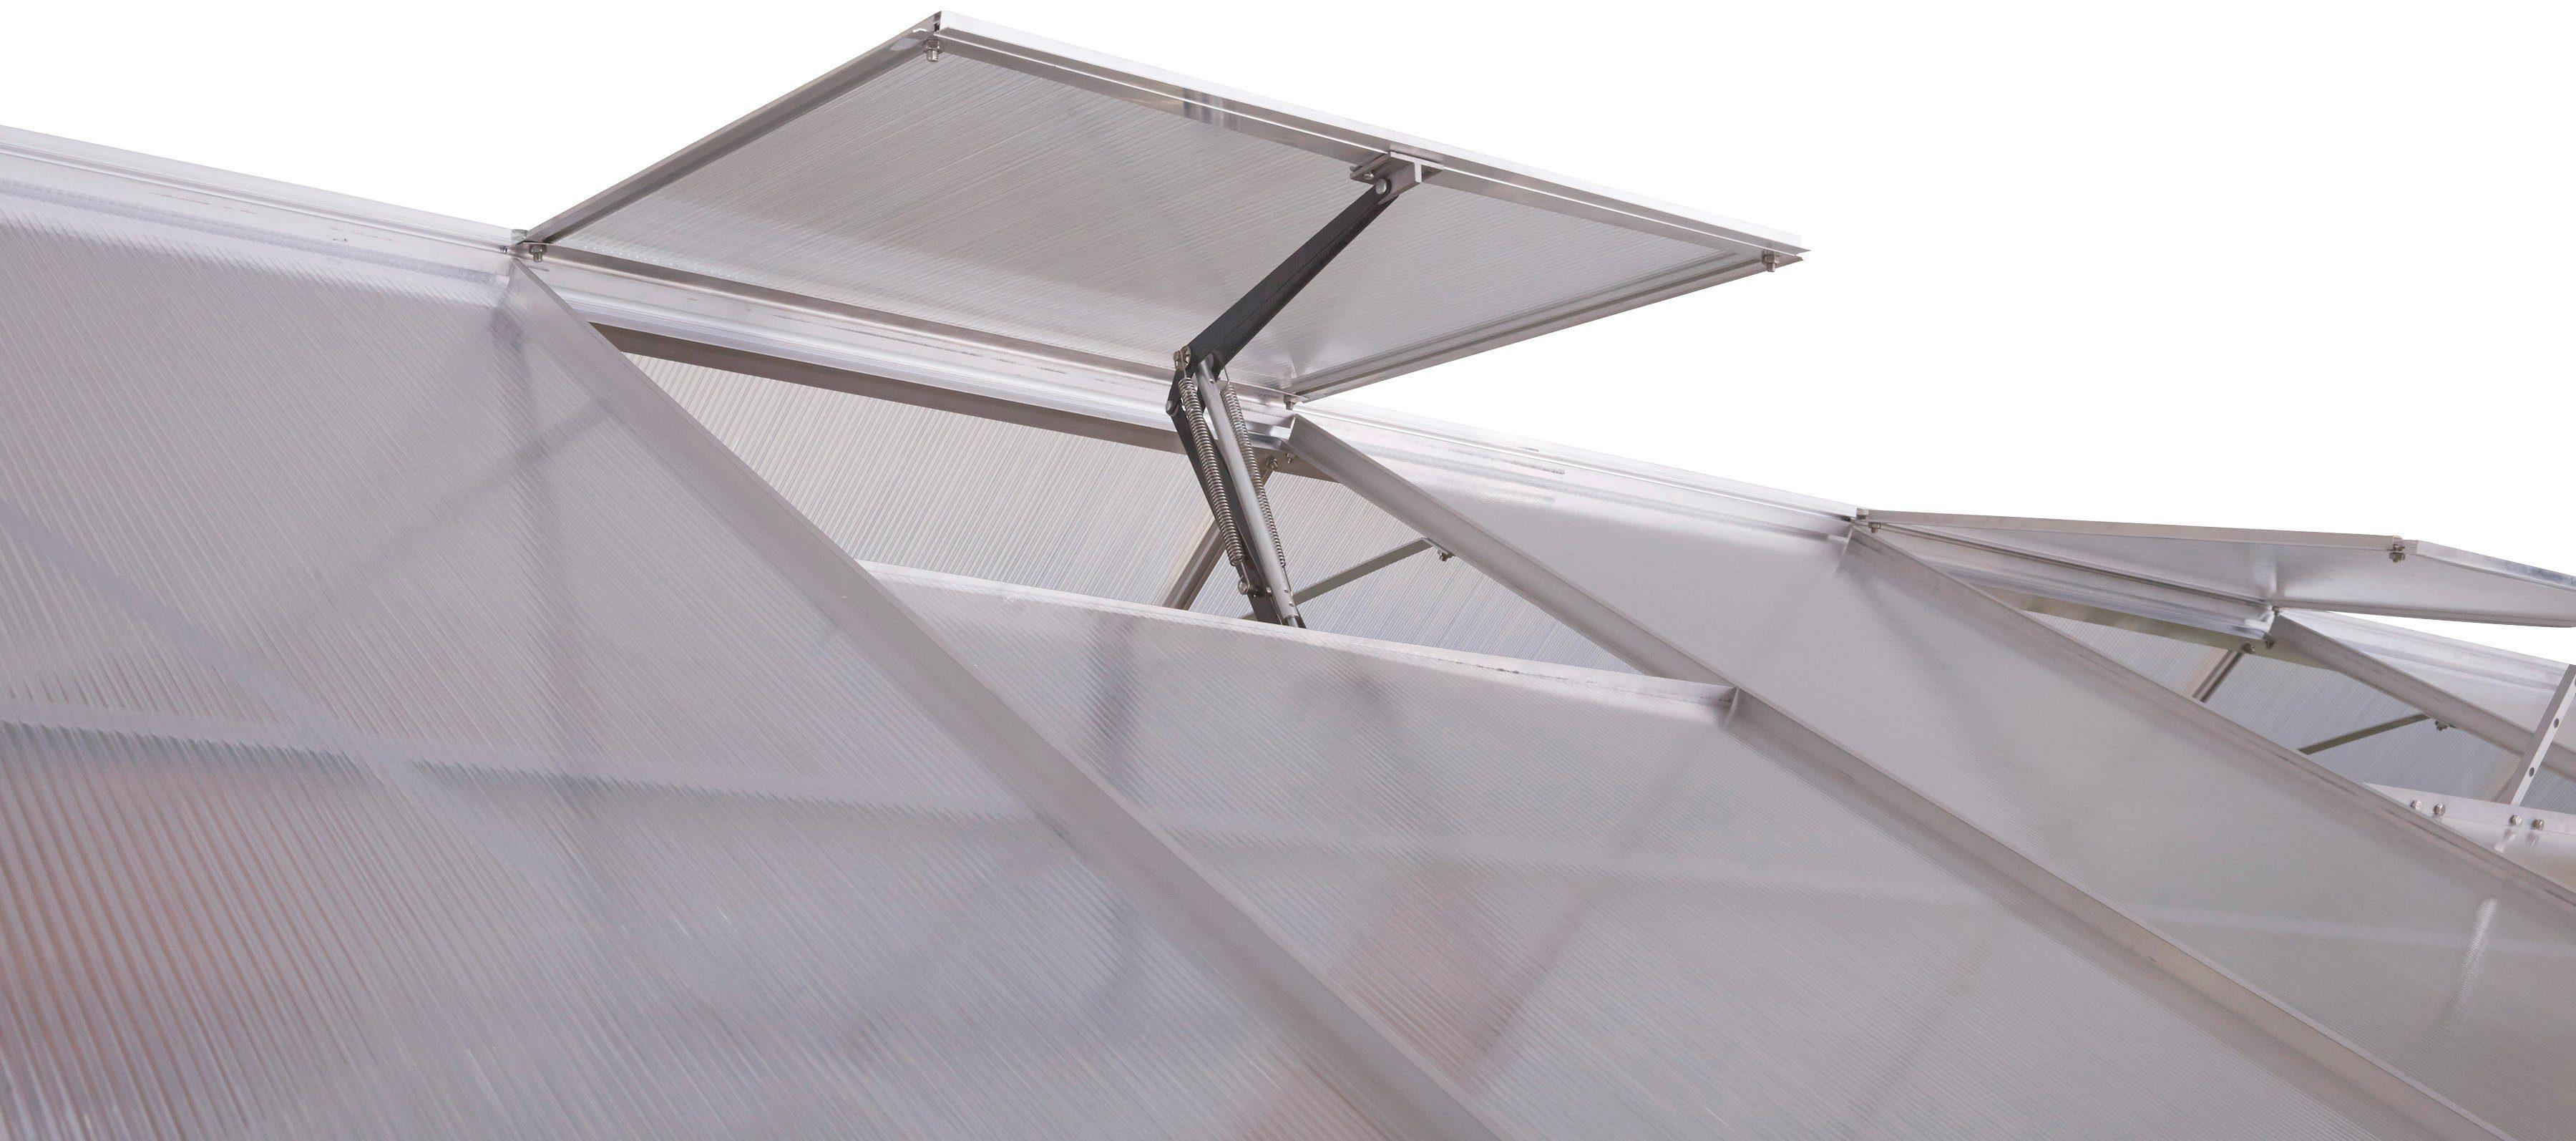 KONIFERA Automatischer Fensteröffner , für Gewächshäuser von Konifera, silber-schwarz